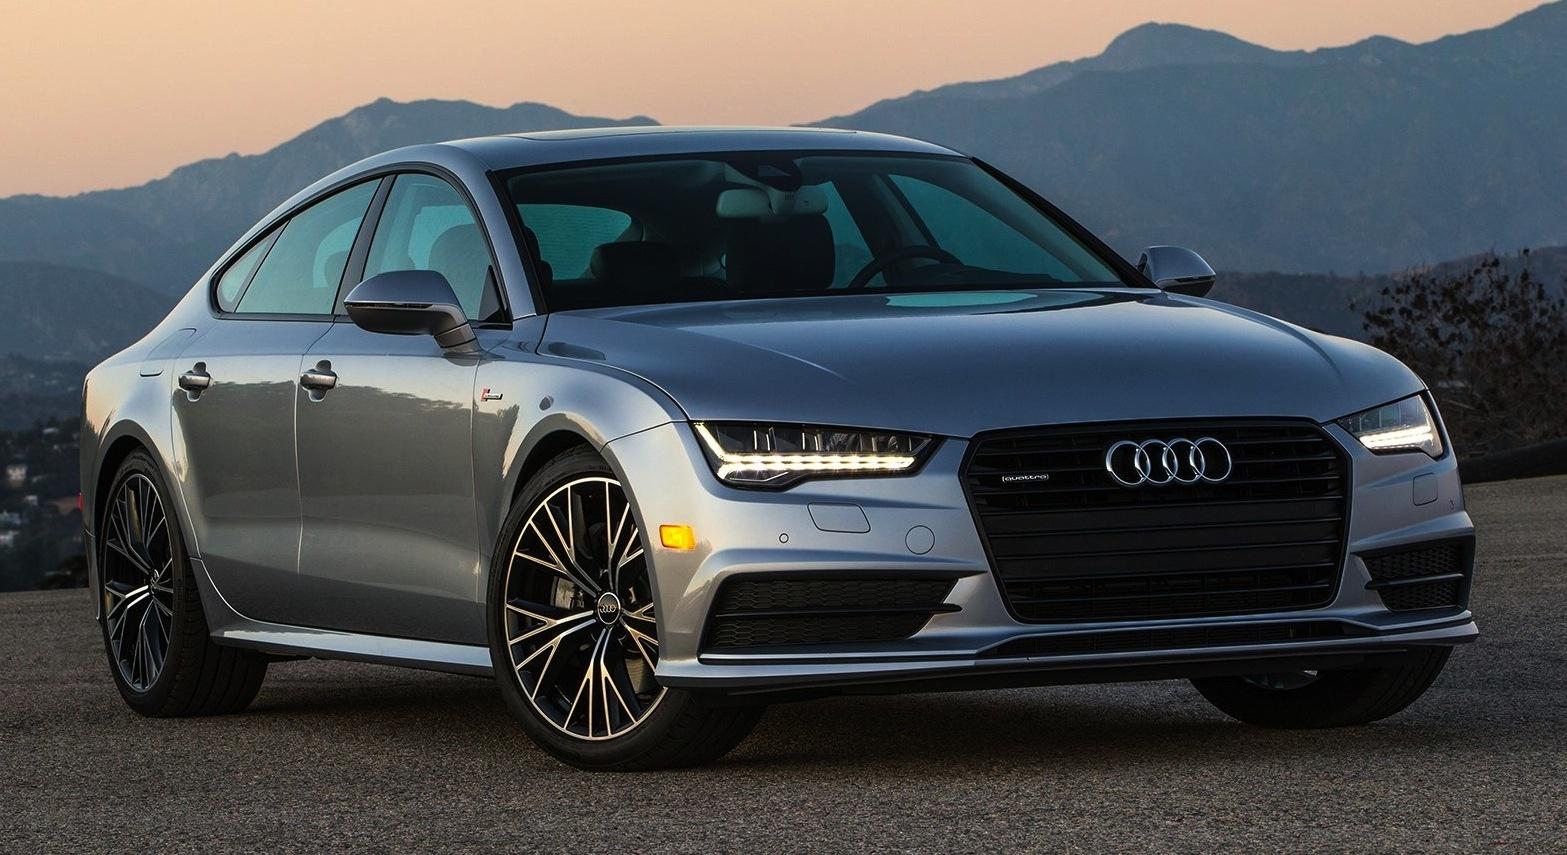 2016 Audi A7 - Review - CarGurus